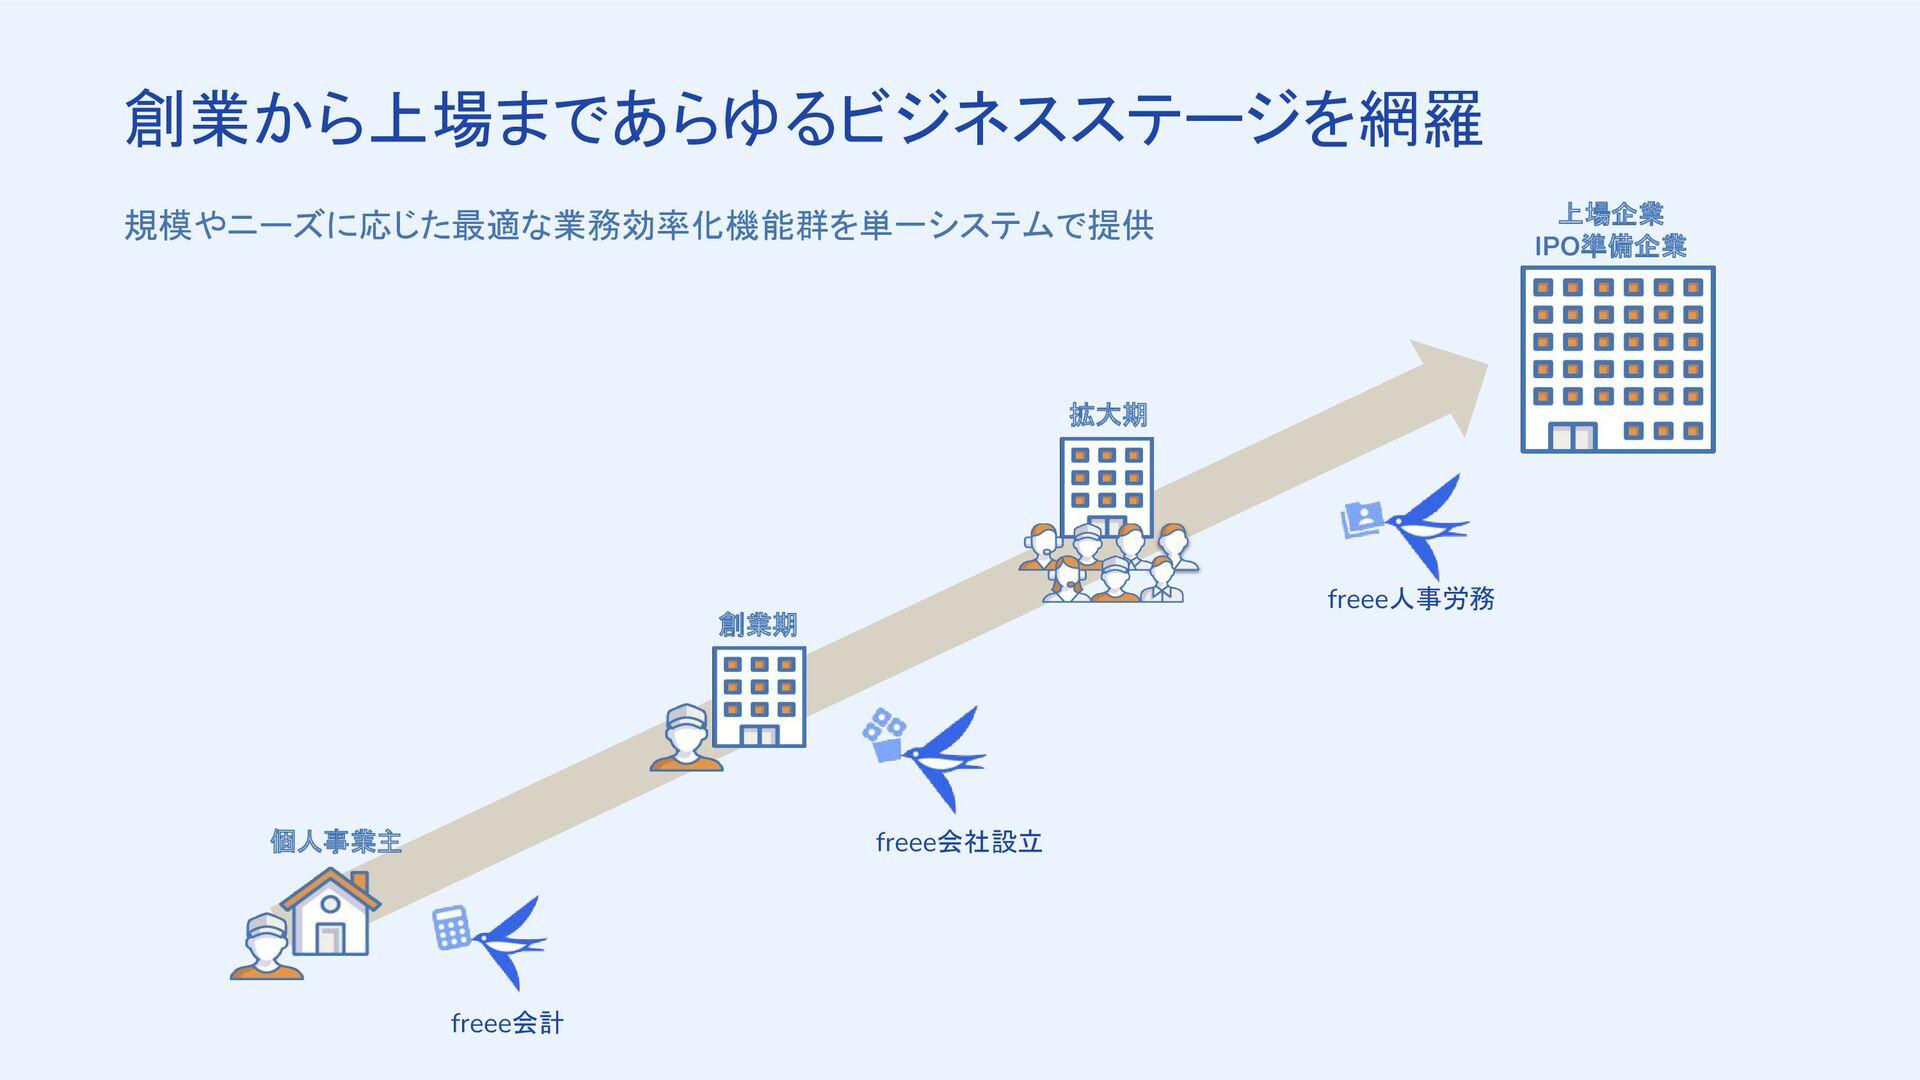 東証 1部/2部 マザーズ freeeを利用し IPO実施 成長企業 16社 ※ 東証1部企業...